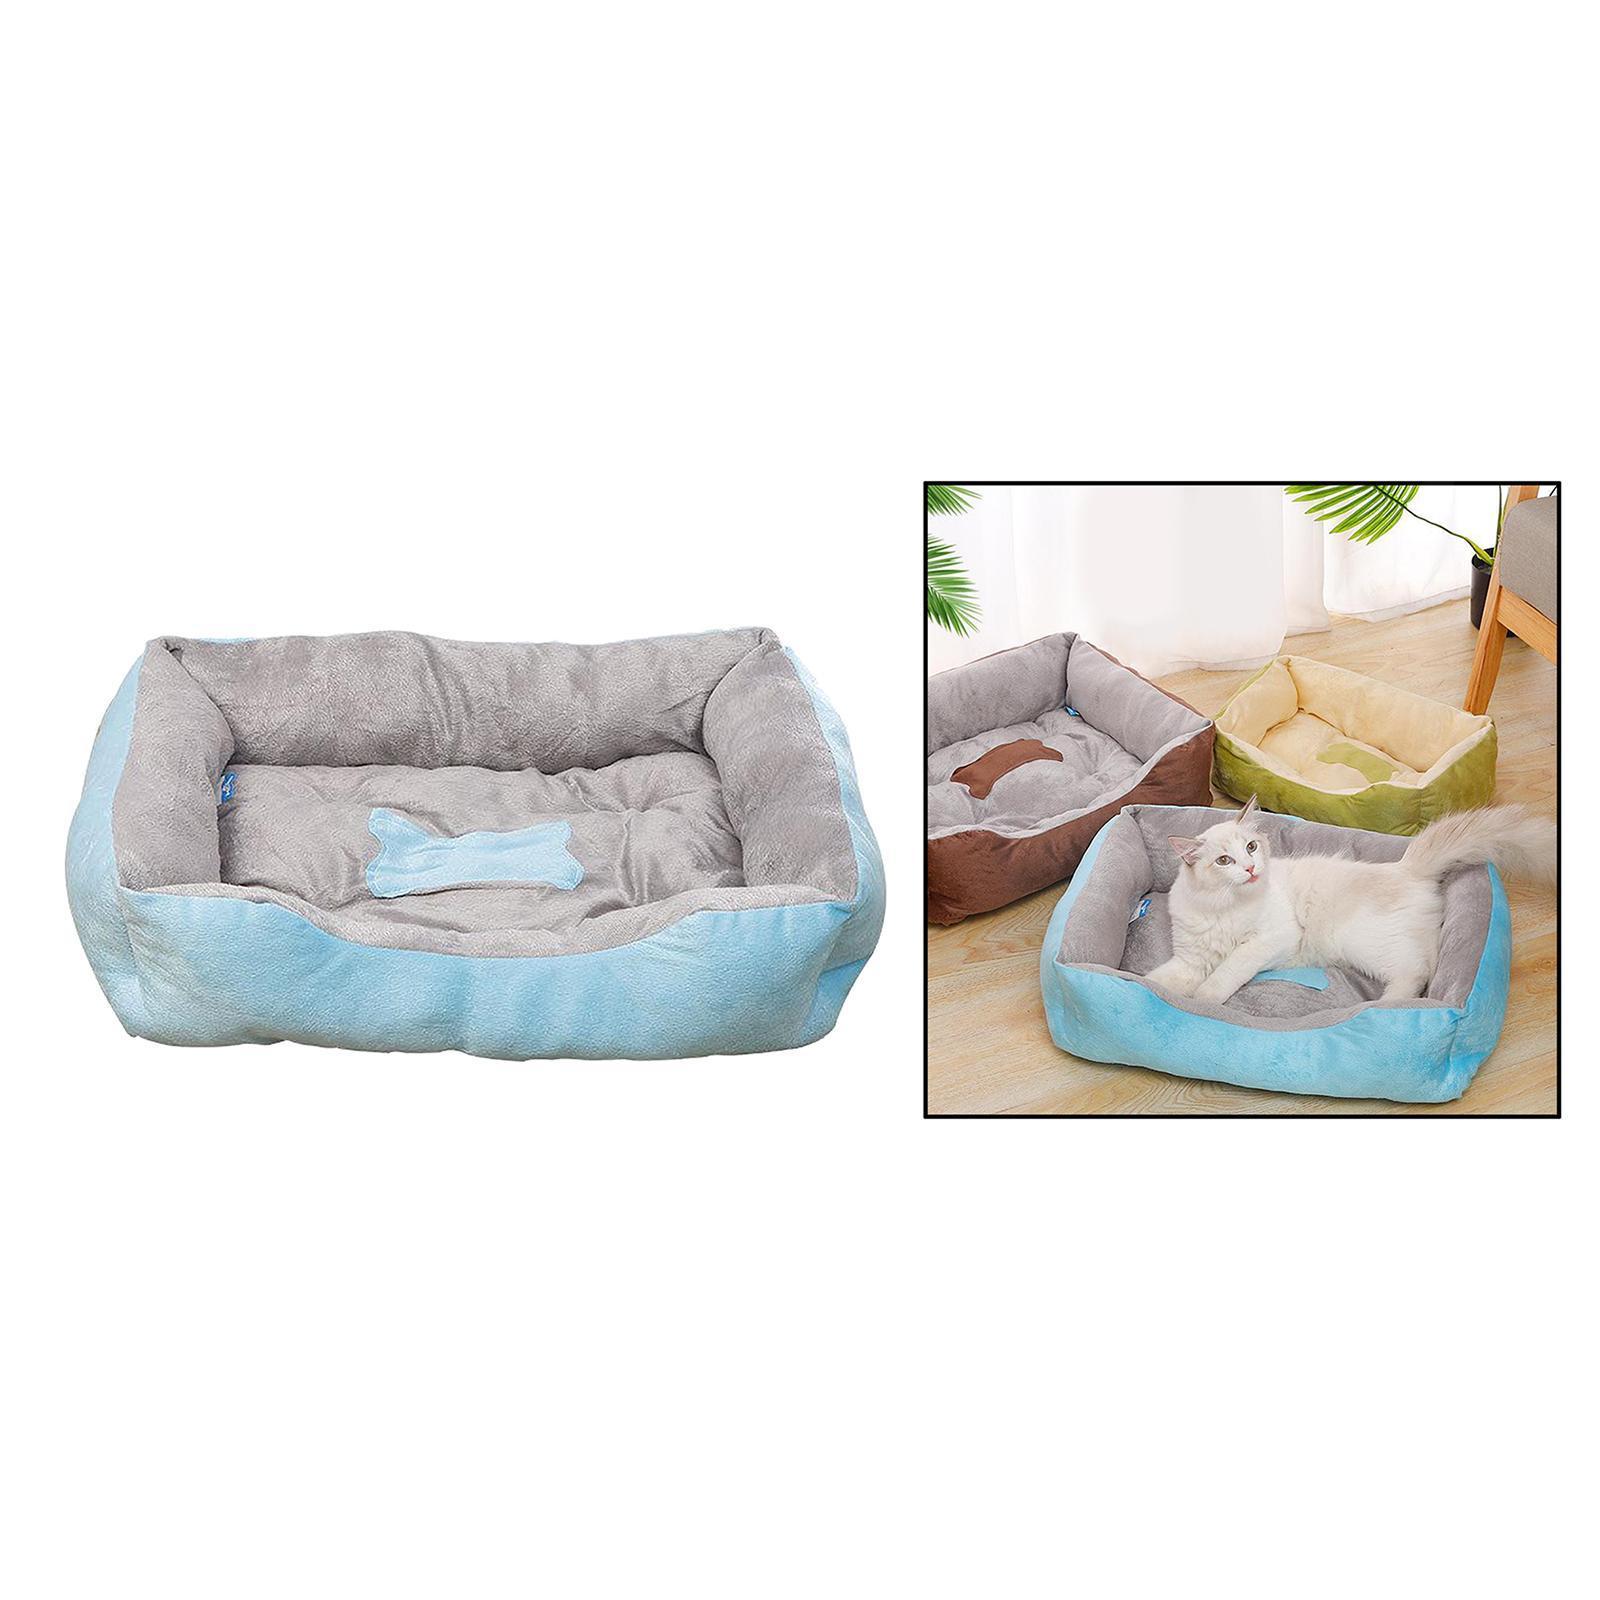 Indexbild 59 - Katze-Hund-Bett-Pet-Kissen-Betten-Haus-Schlaf-Soft-Warmen-Zwinger-Decke-Nest